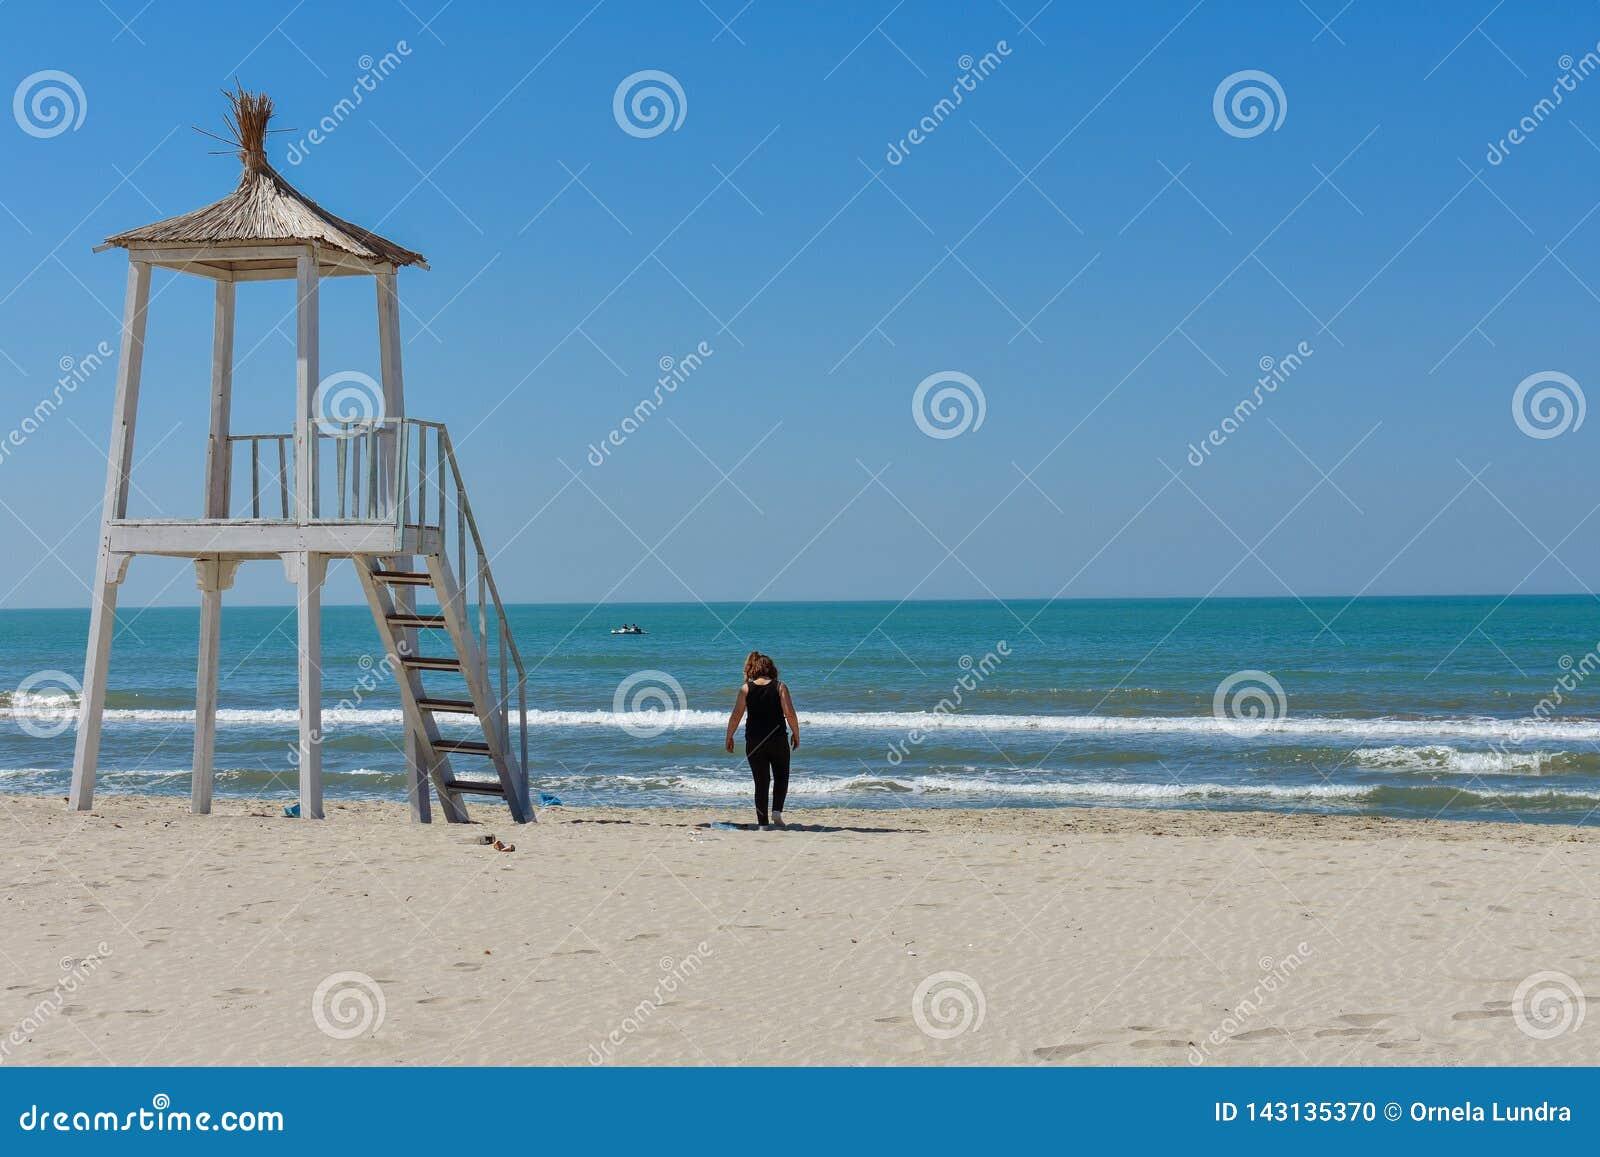 Una muchacha está caminando alrededor de la playa y está disfrutando del día soleado